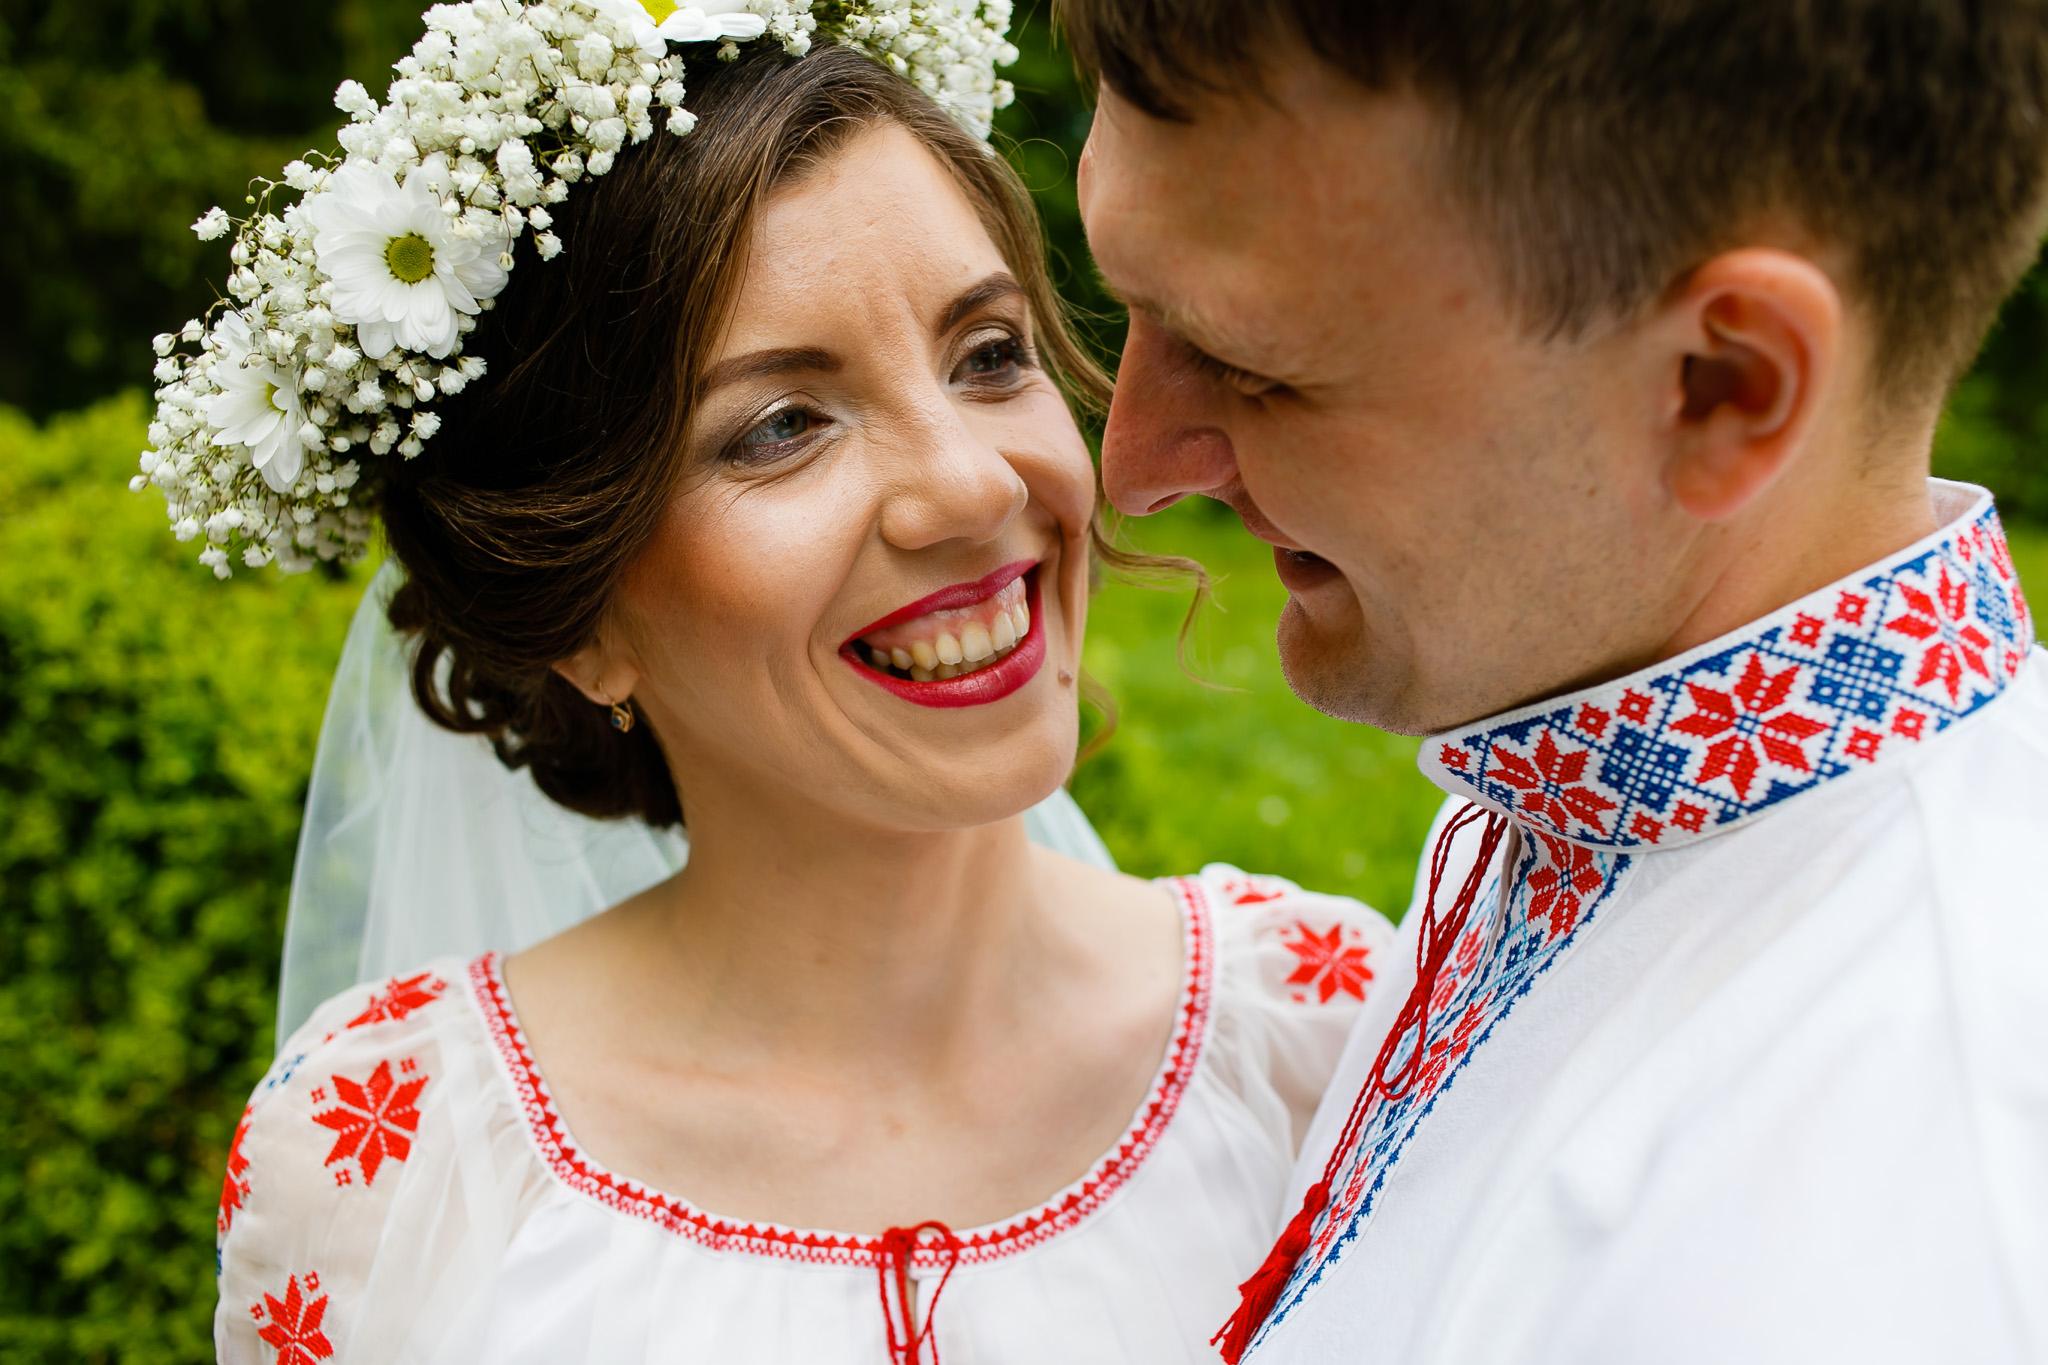 Nuntă tradițională Elisabeta și Alexandru fotograf profesionist nunta Iasi www.paulpadurariu.ro © 2018 Paul Padurariu fotograf de nunta Iasi sedinta foto miri 5